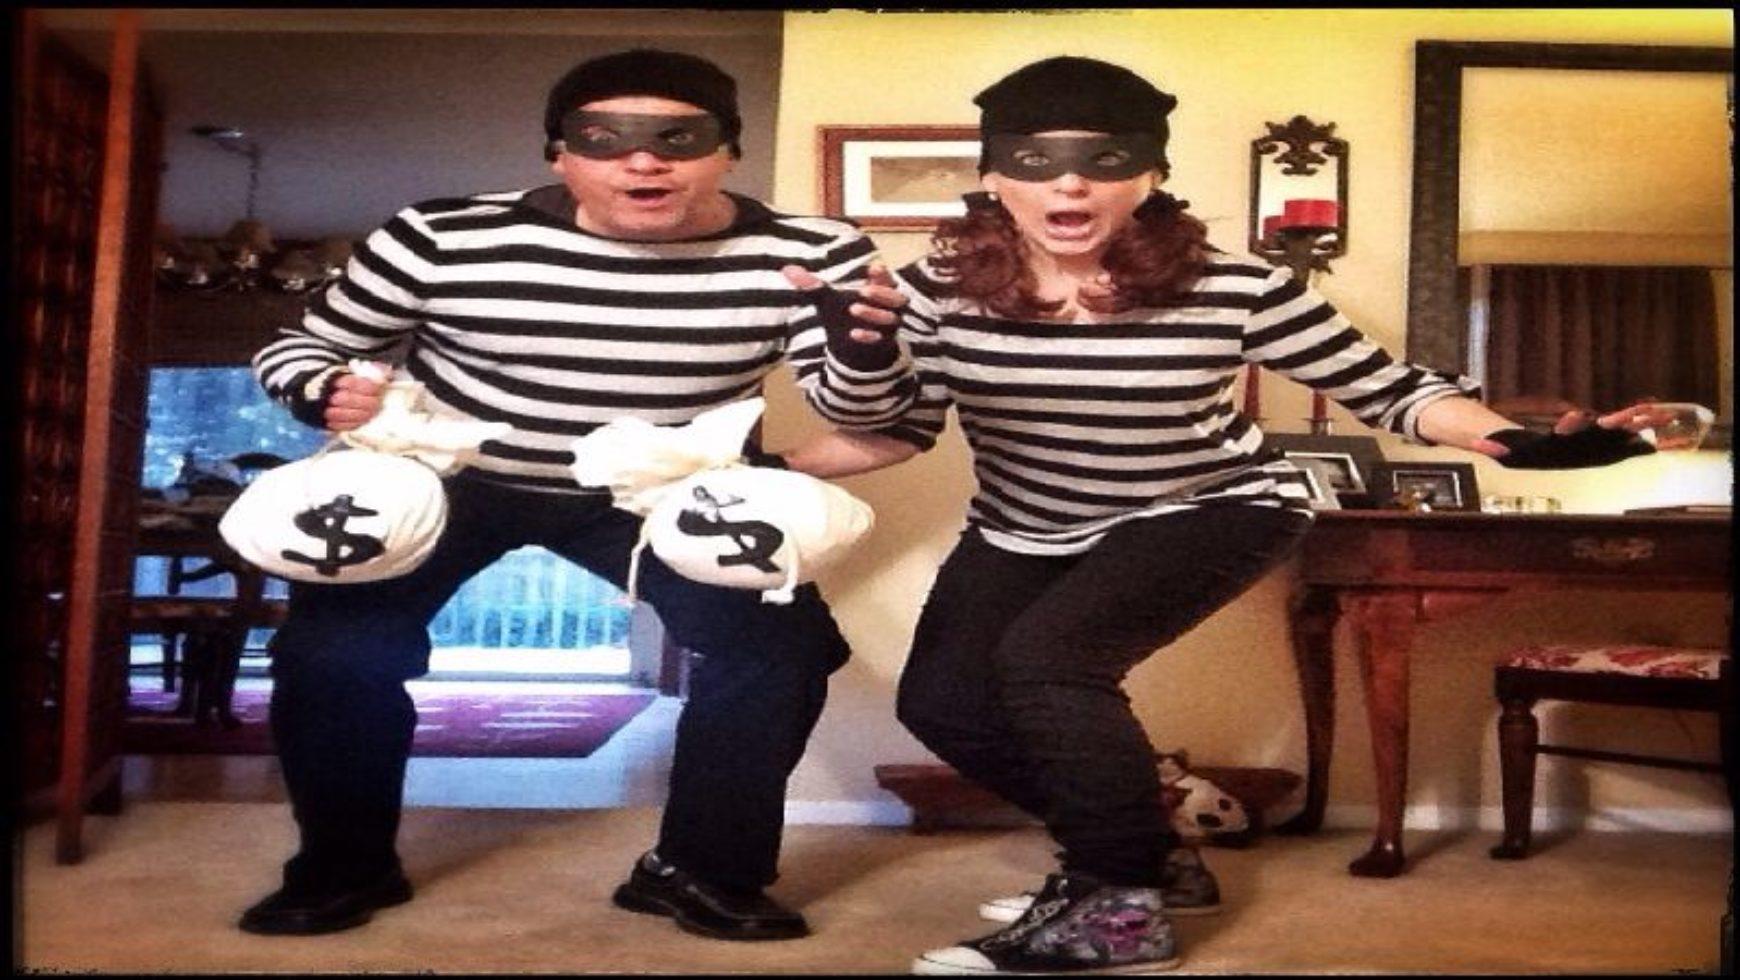 Impreza w stylu – policjanci i złodzieje